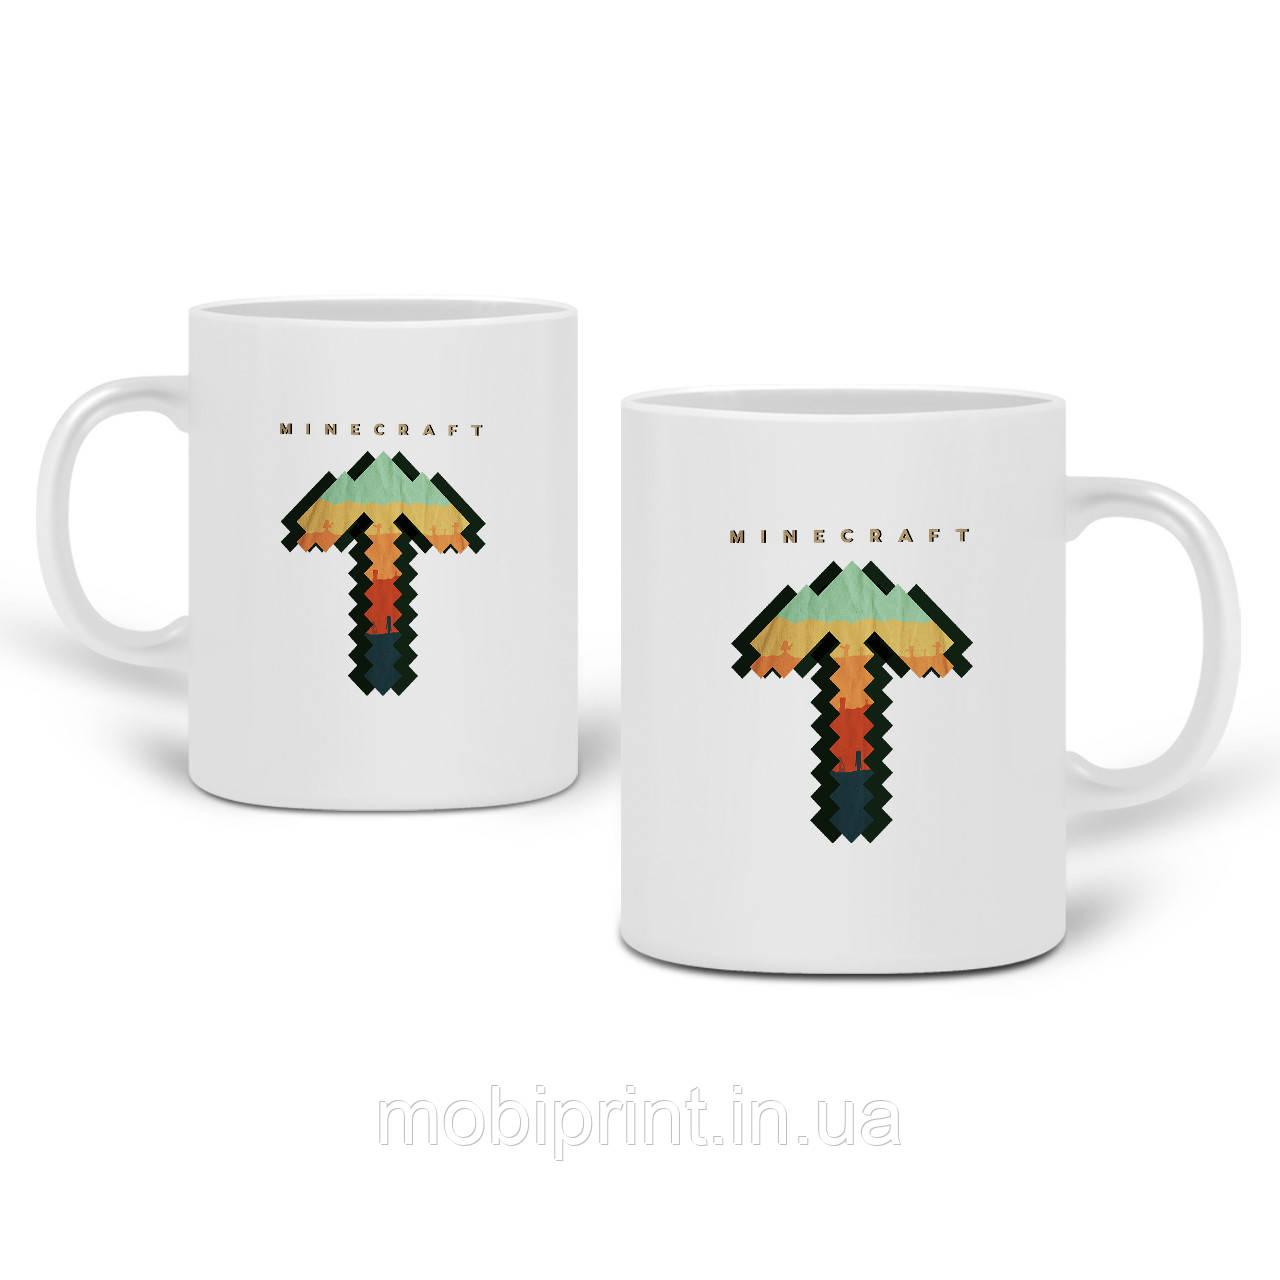 Кружка Майнкрафт (Minecraft) 330 мл Чашка Керамическая (20259-1169)